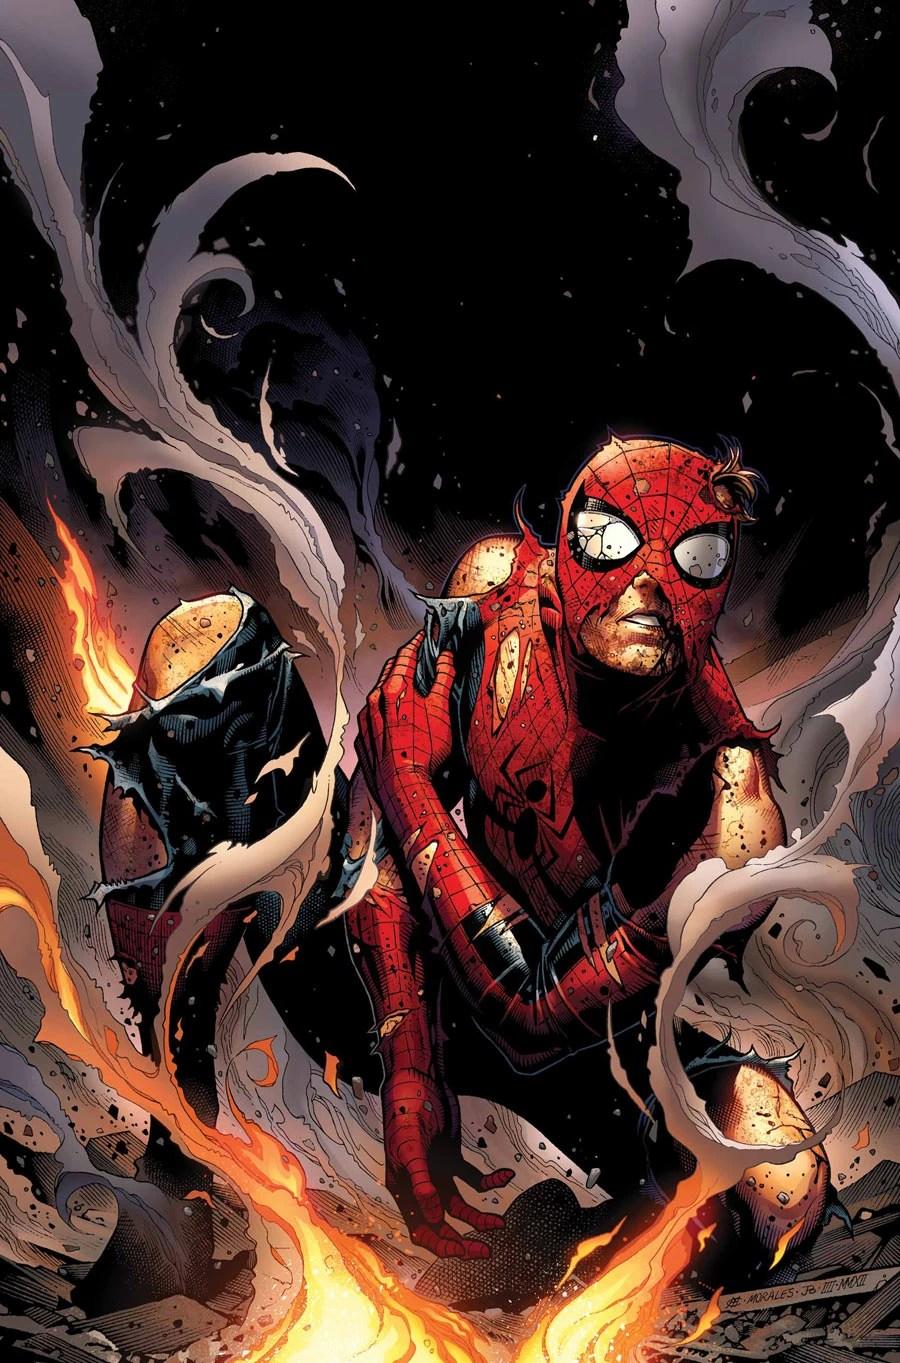 https://i1.wp.com/images4.wikia.nocookie.net/__cb57090/marveldatabase/images/b/be/Avengers_vs._X-Men_Vol_1_9_Textless.jpg